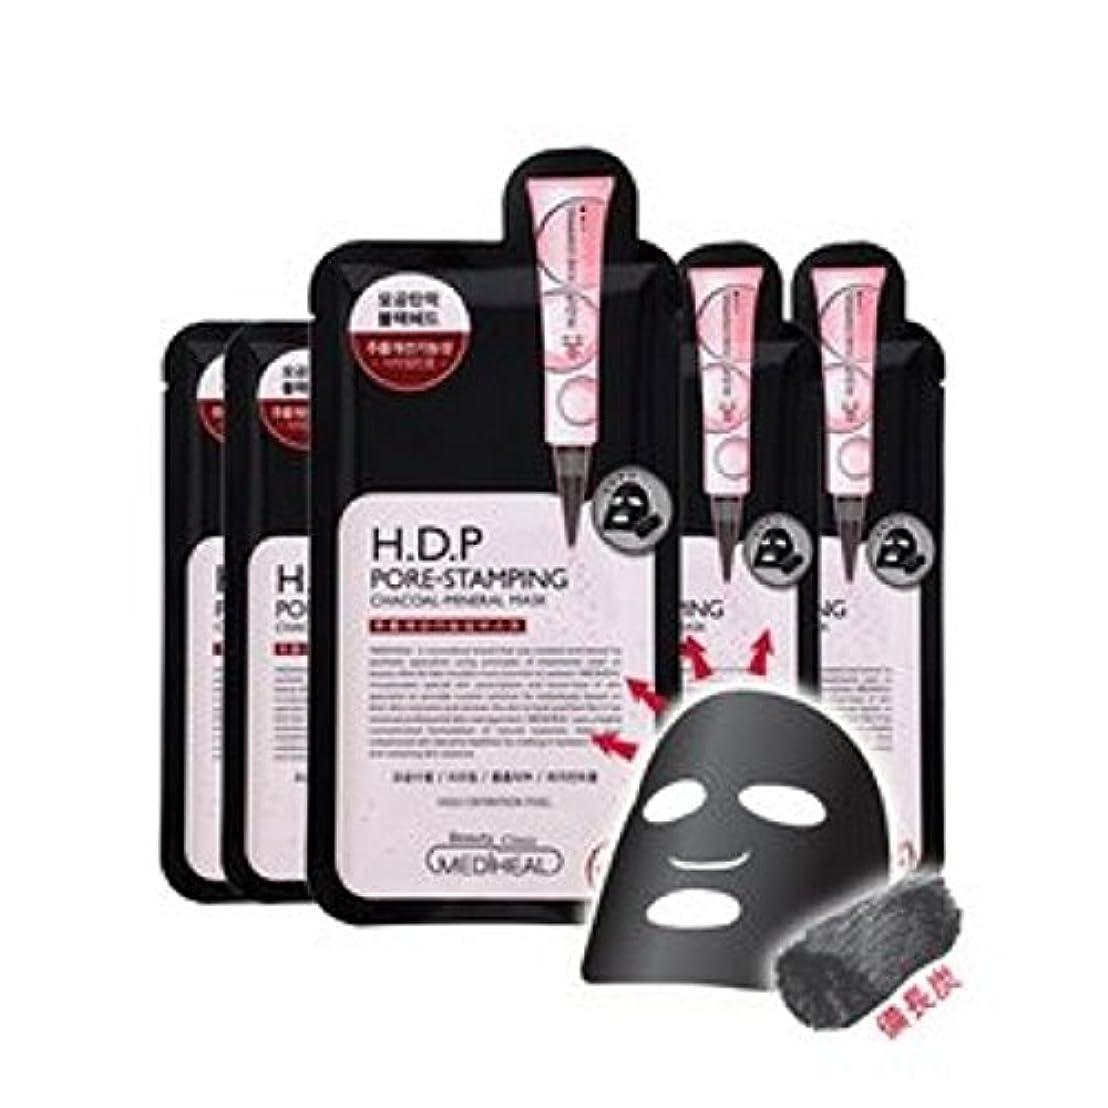 導出発明非常に怒っていますメディヒール(Mediheal) H.D.P 毛穴スタンプ炭ミネラルマスク Pore stamping Charcoal mineral mask (10枚) [海外直送品] [並行輸入品]